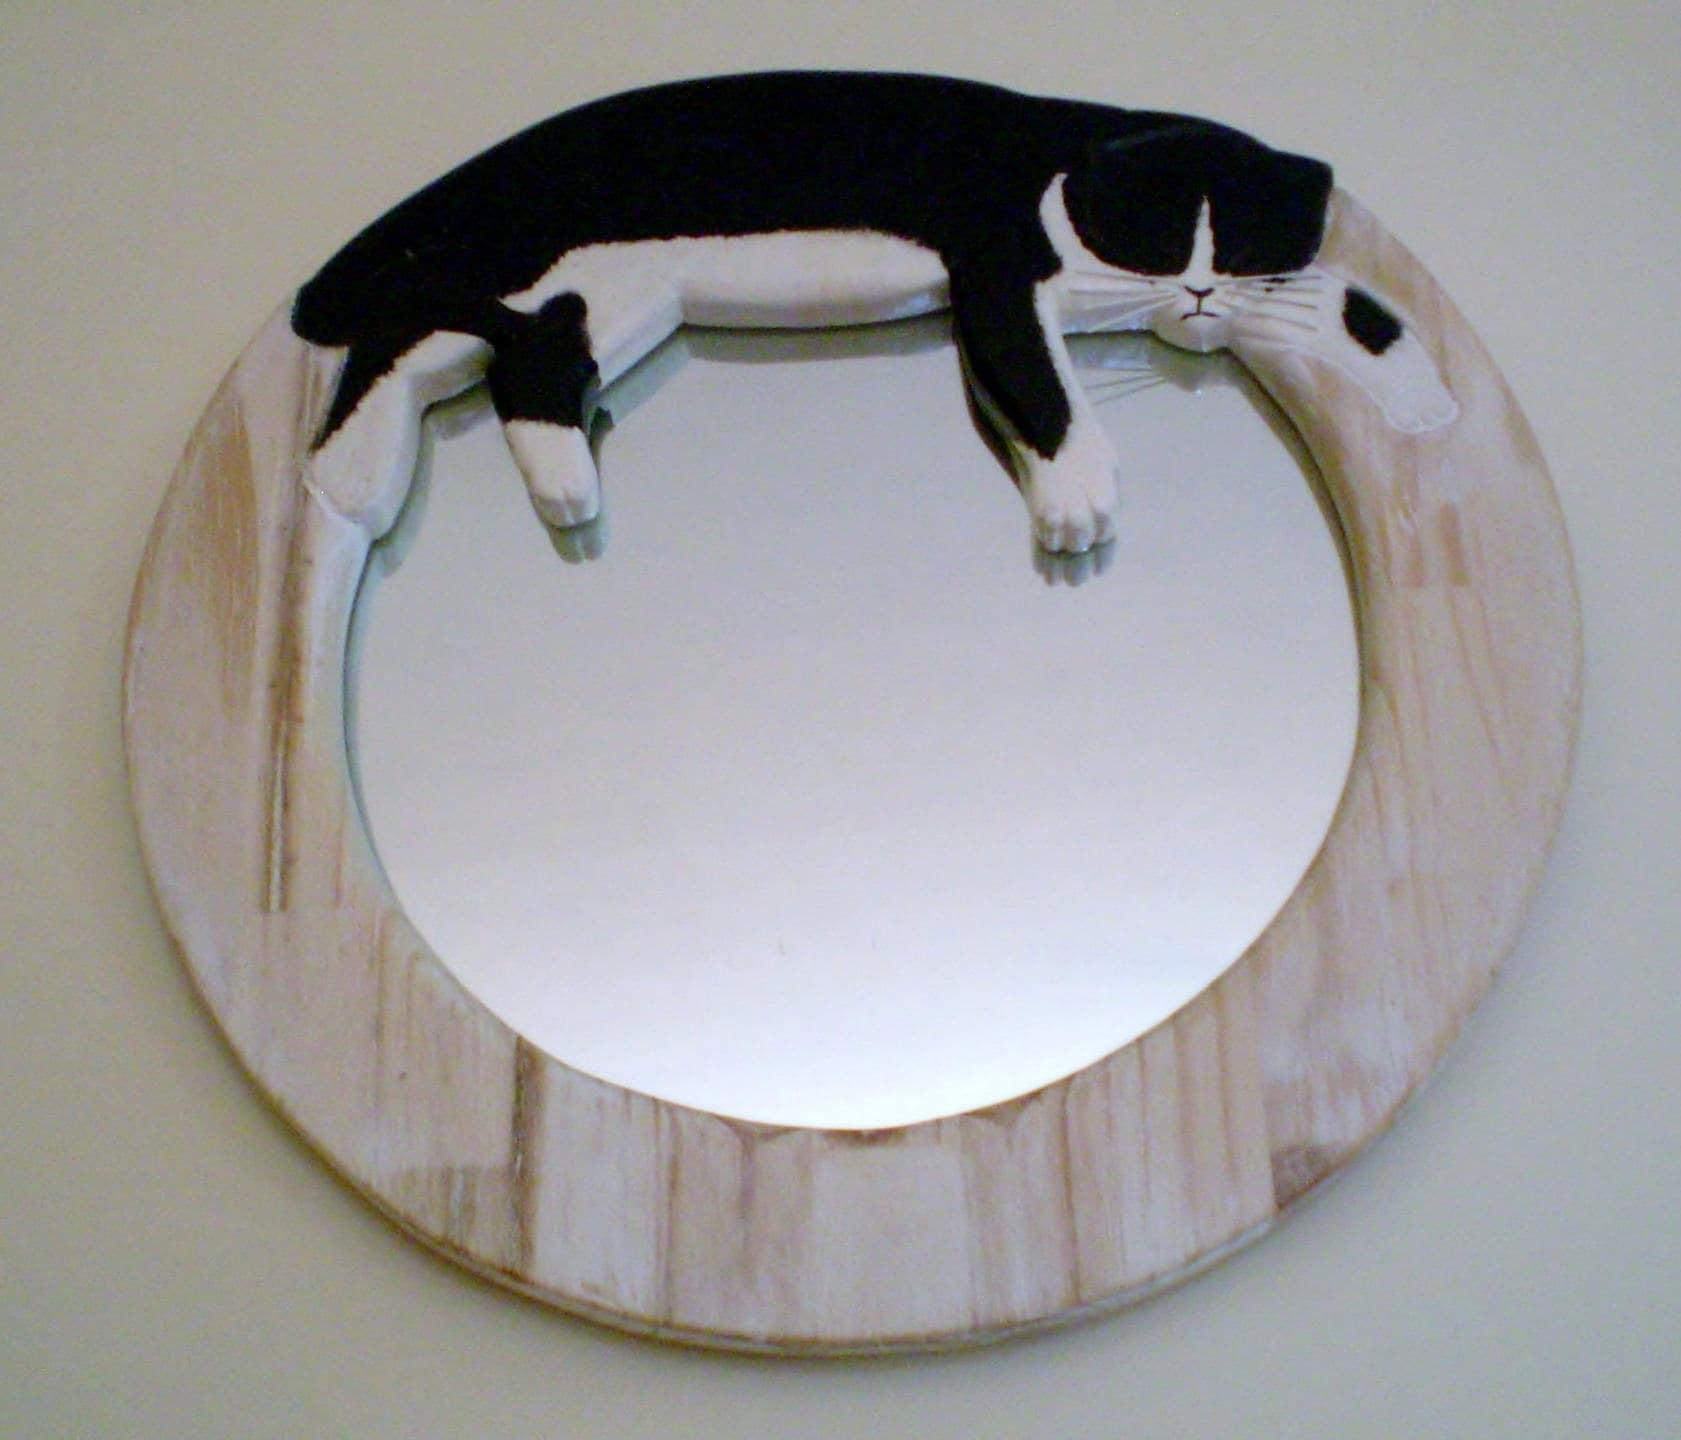 Miroir en bois d coup grav d 39 un chat et peint la - Miroir a la decoupe ...